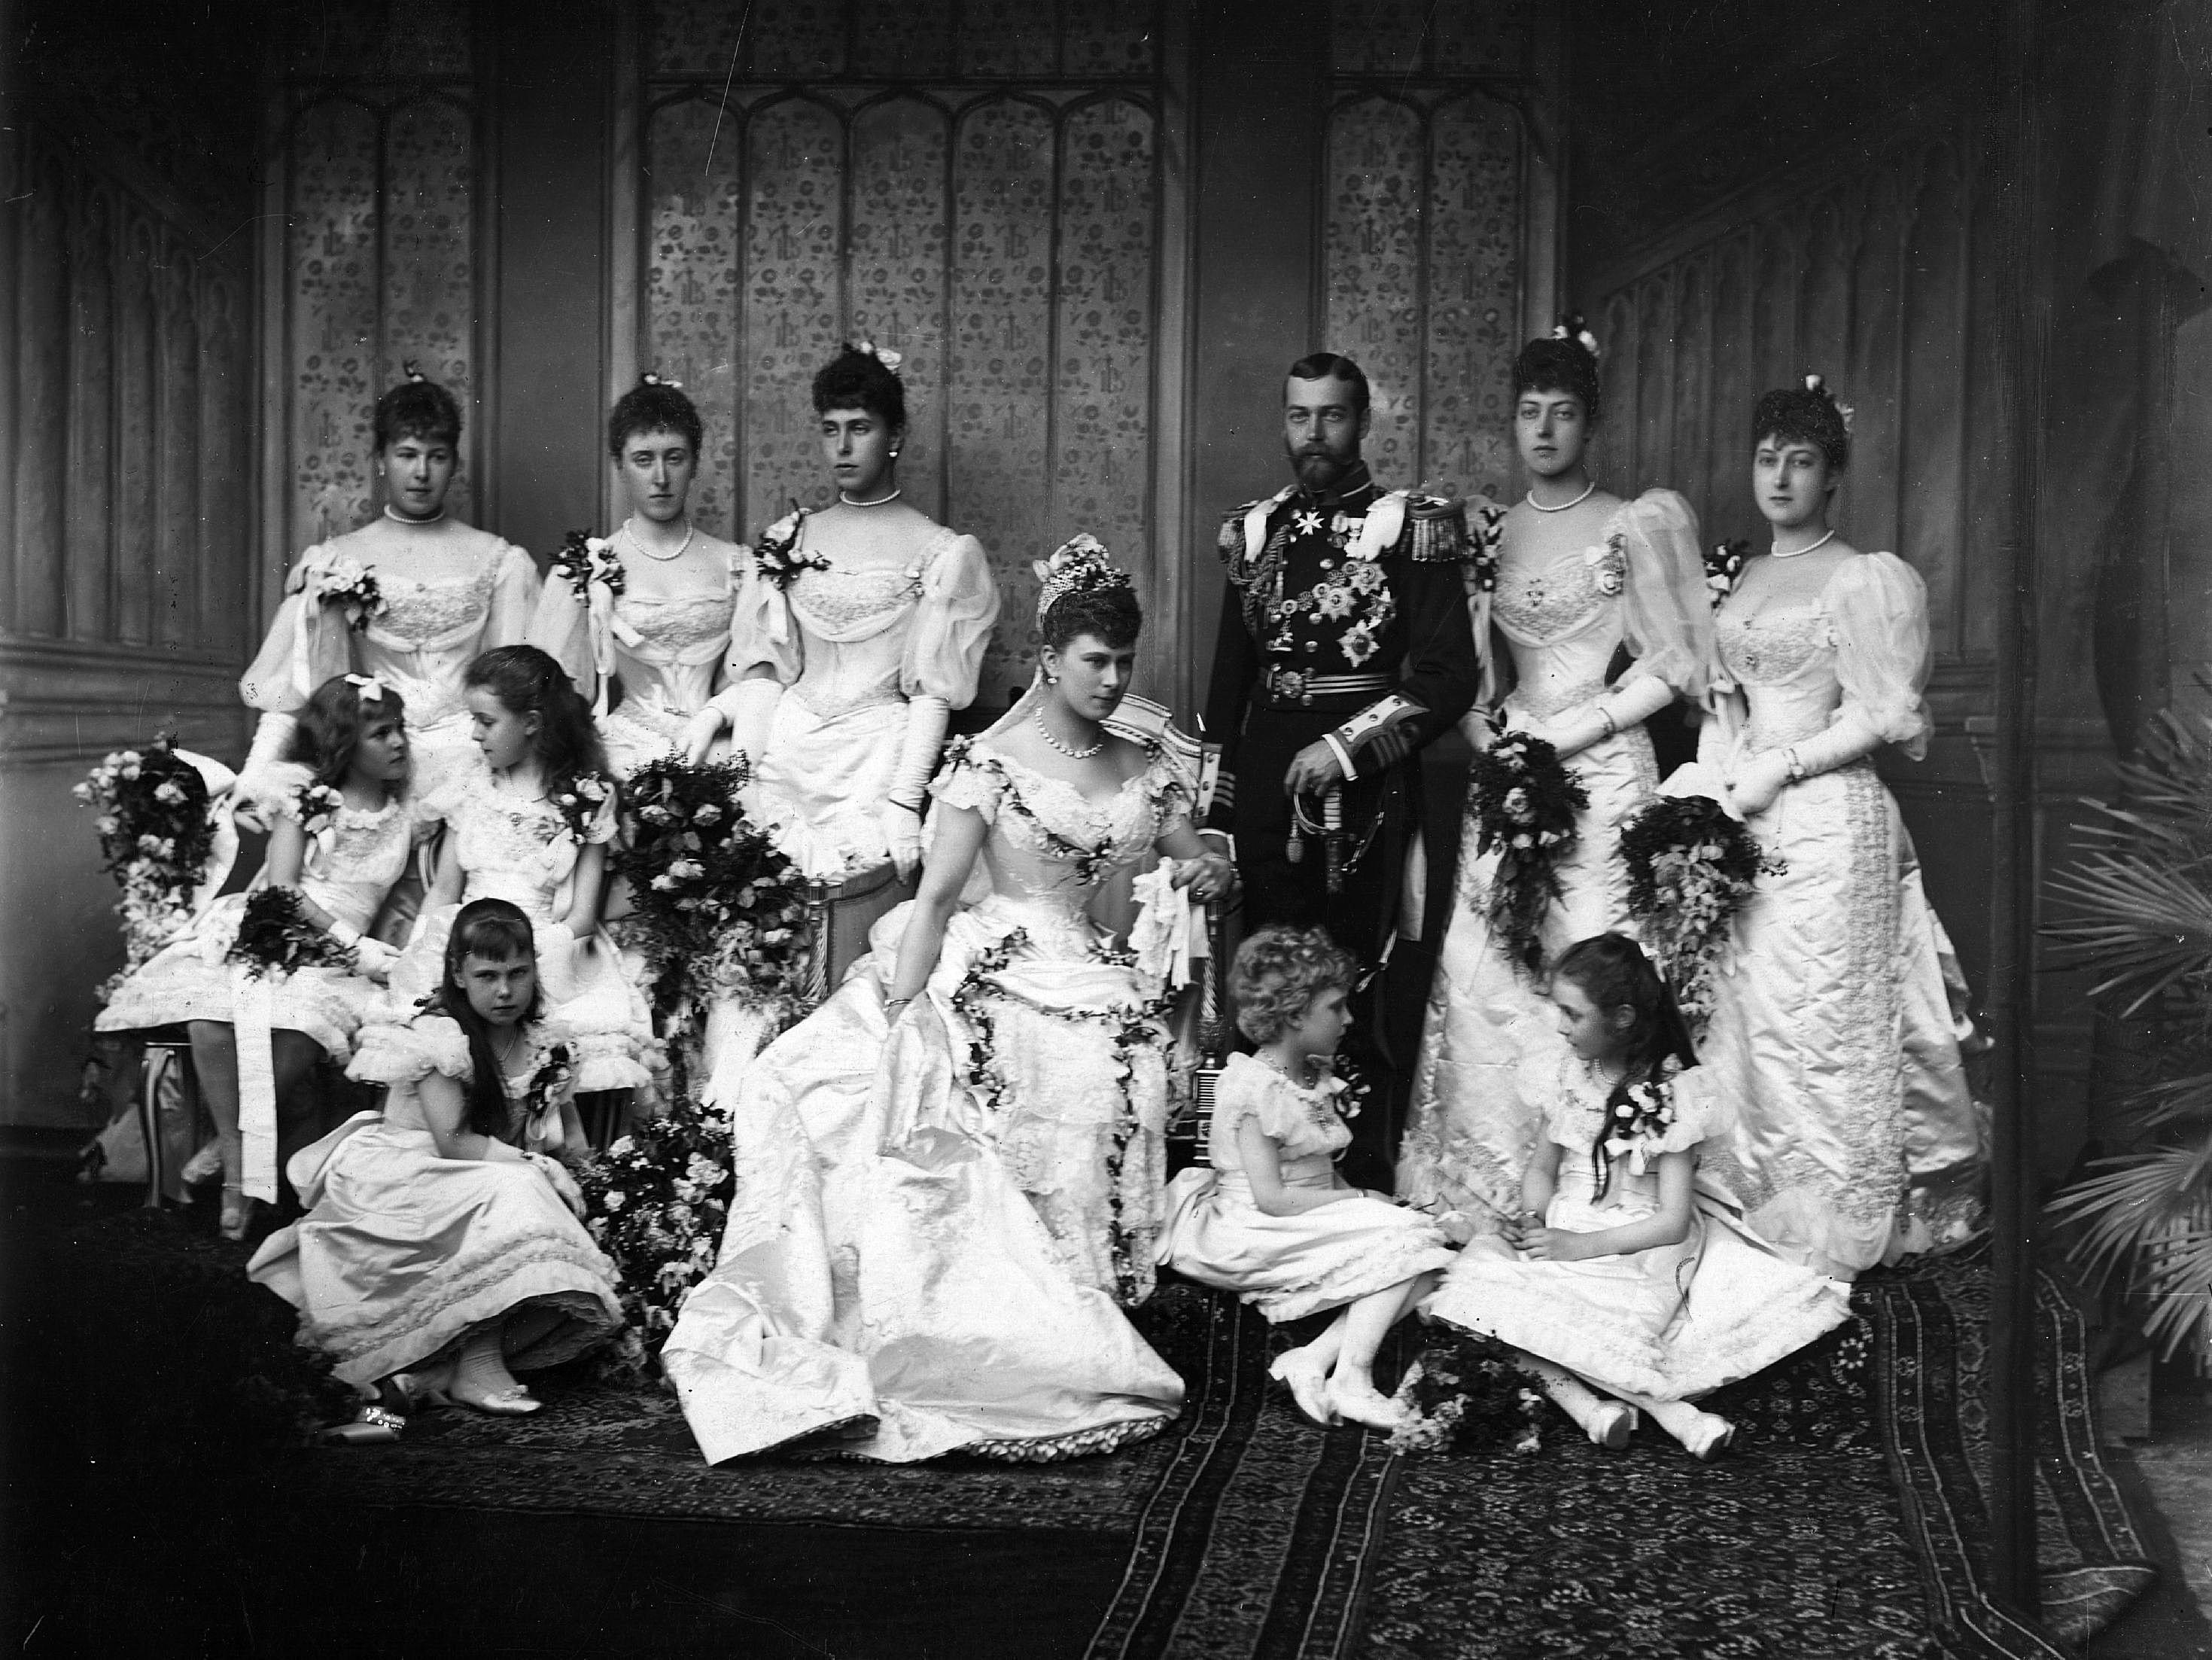 ジョージ5世とメアリーオブテック王女のバッキンガム宮殿での結婚式。